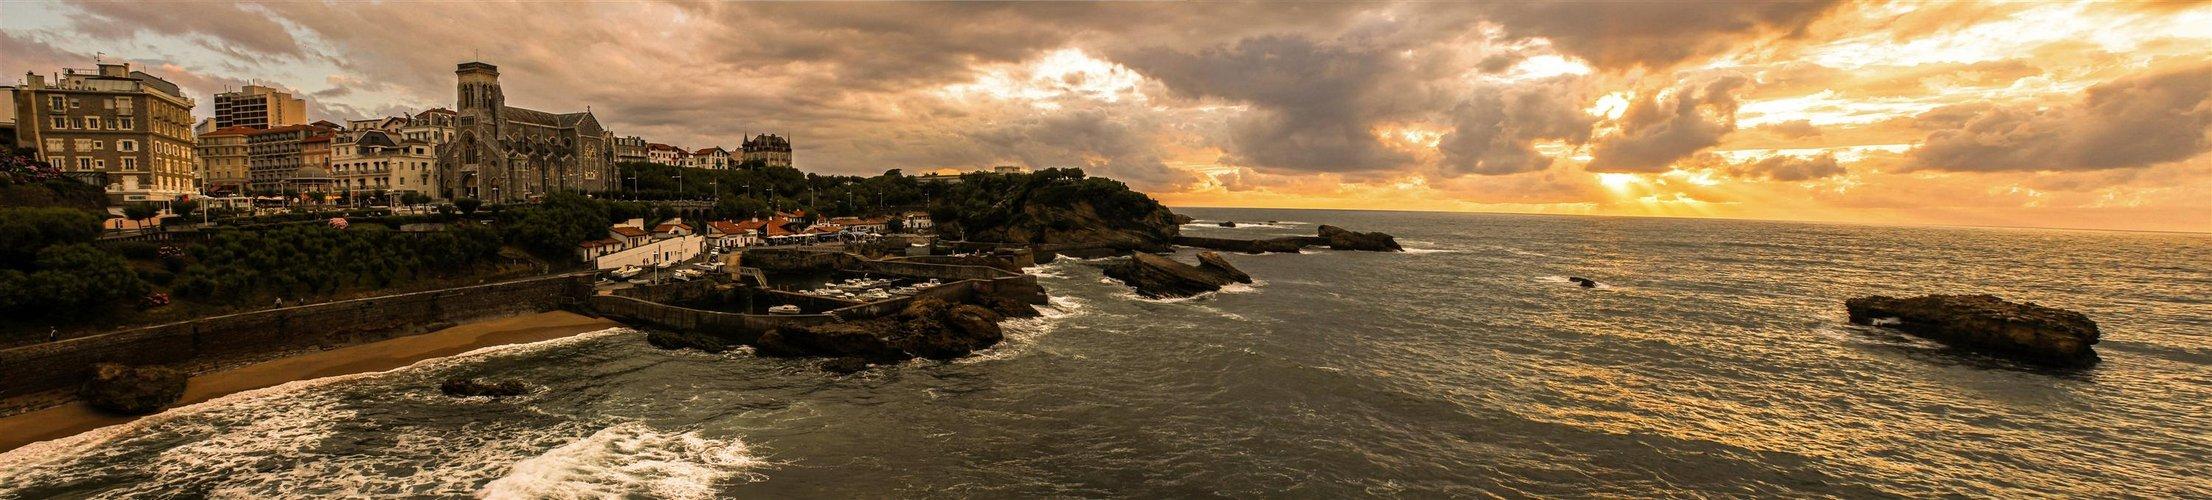 Biarritz alter Hafen